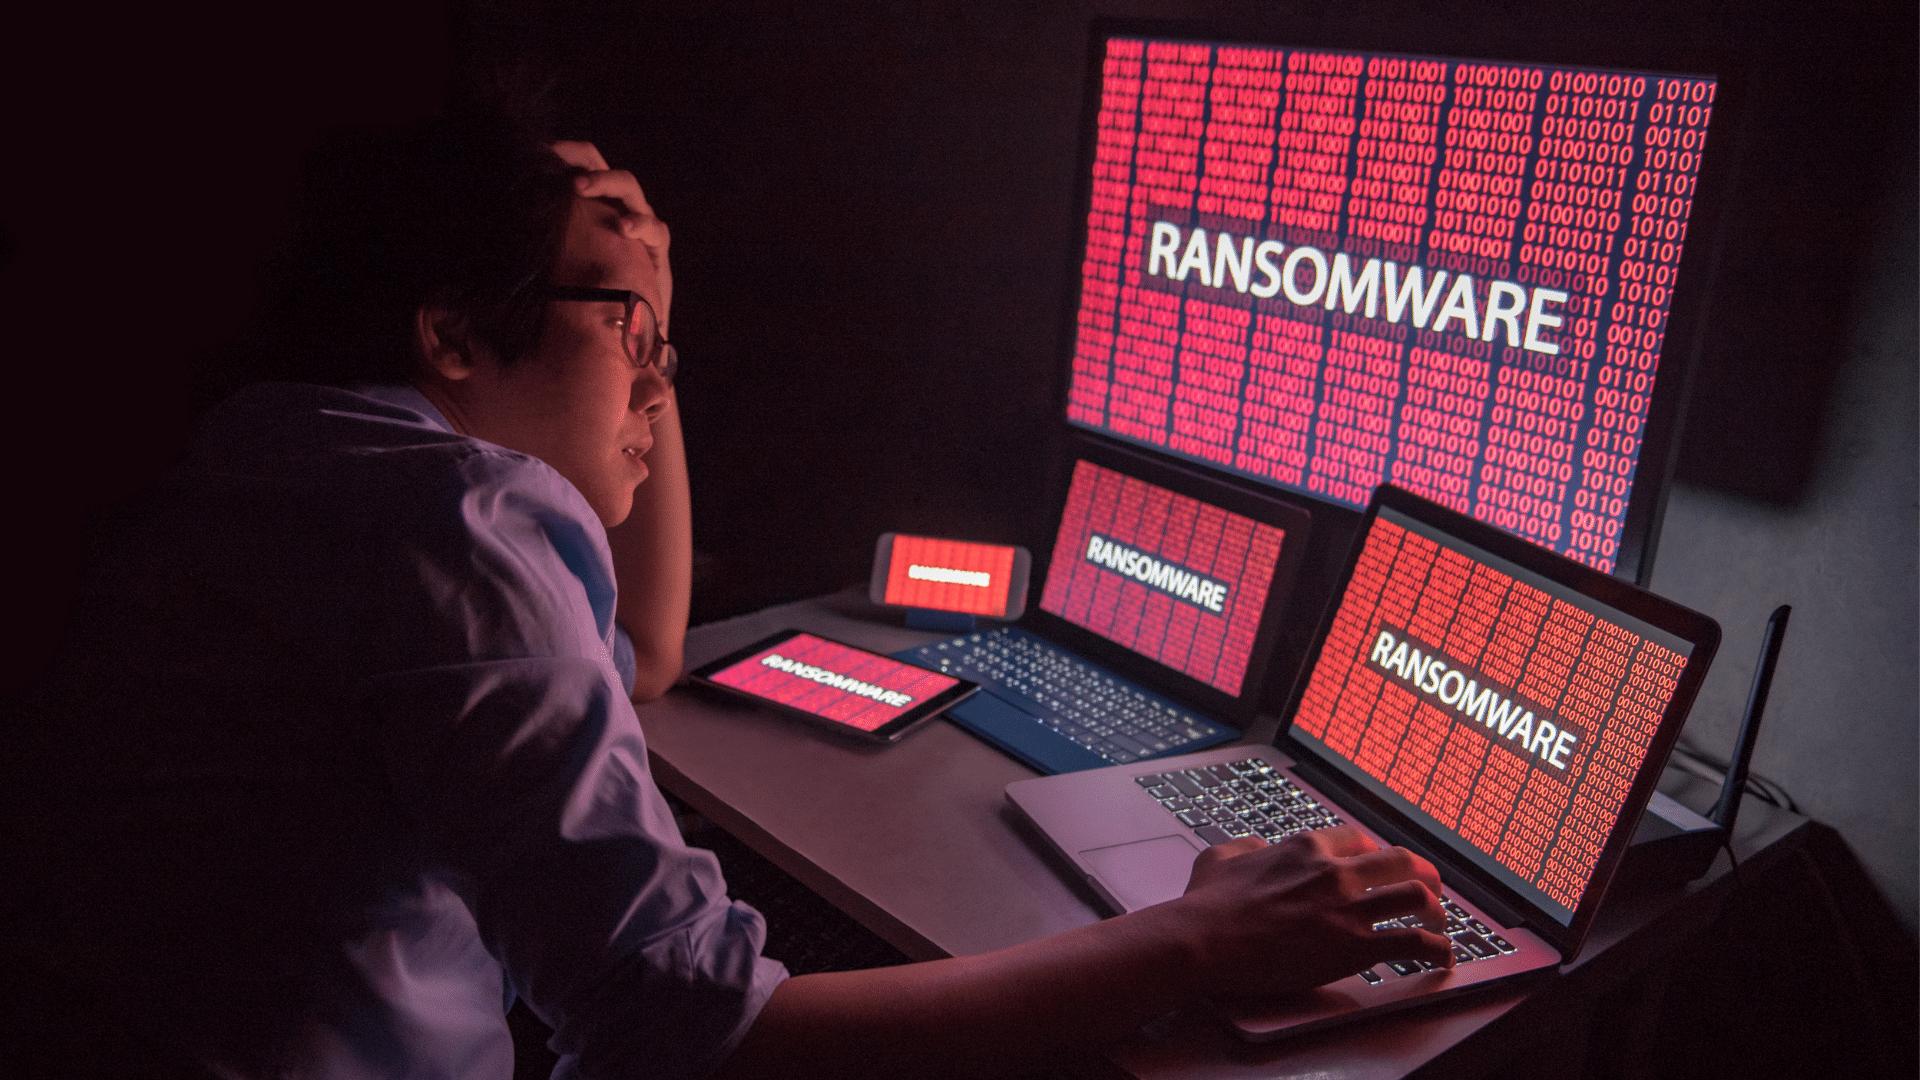 Persona davanti a dispositivi attaccati da ransomware